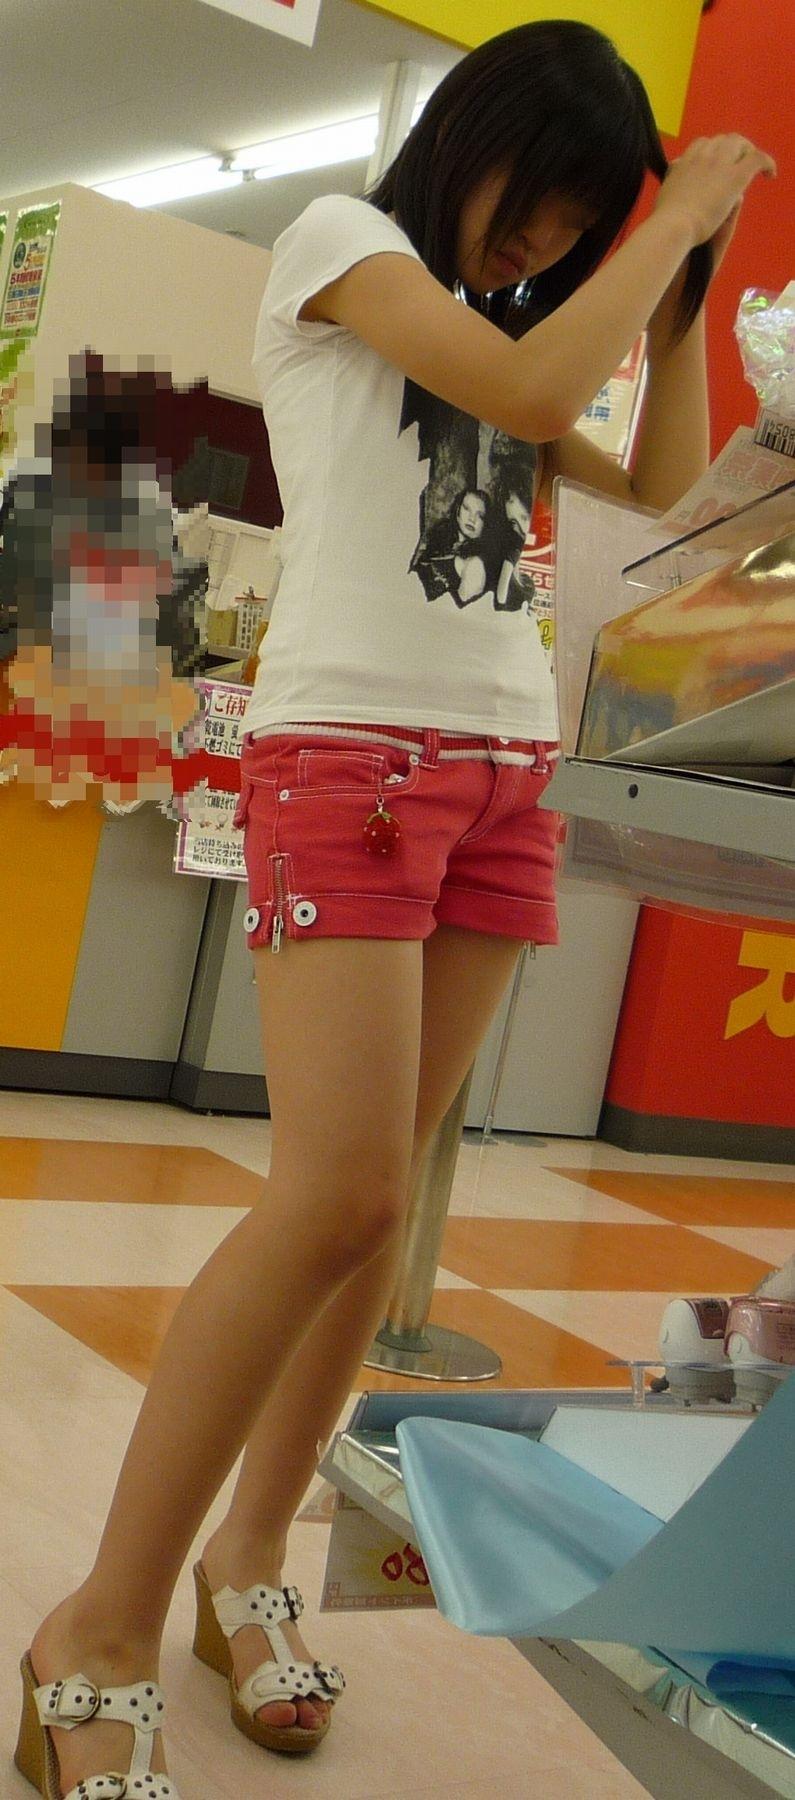 赤ホットパンツ履いてる少女の美脚を盗撮!